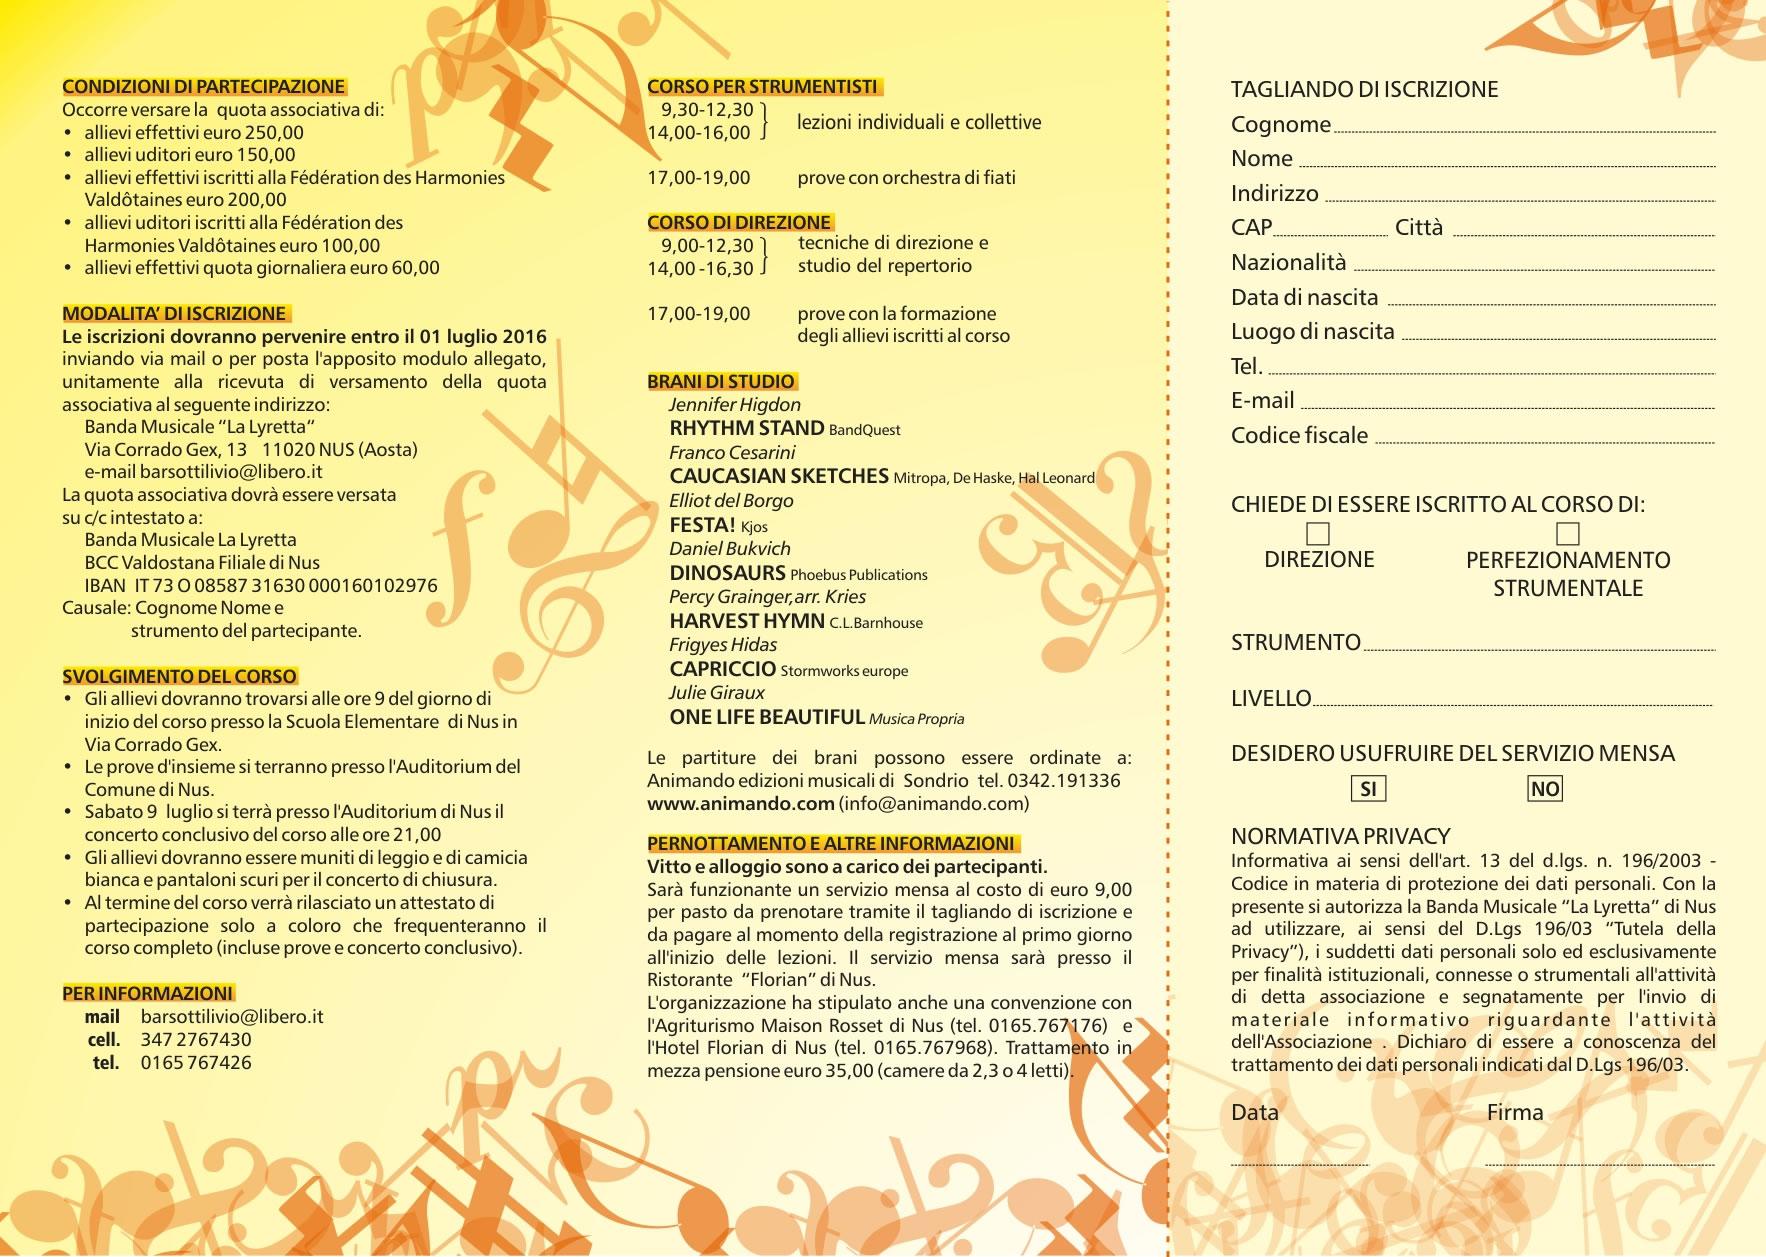 Corso di direzione per direttori di banda corso di for Agriturismo maison rosset